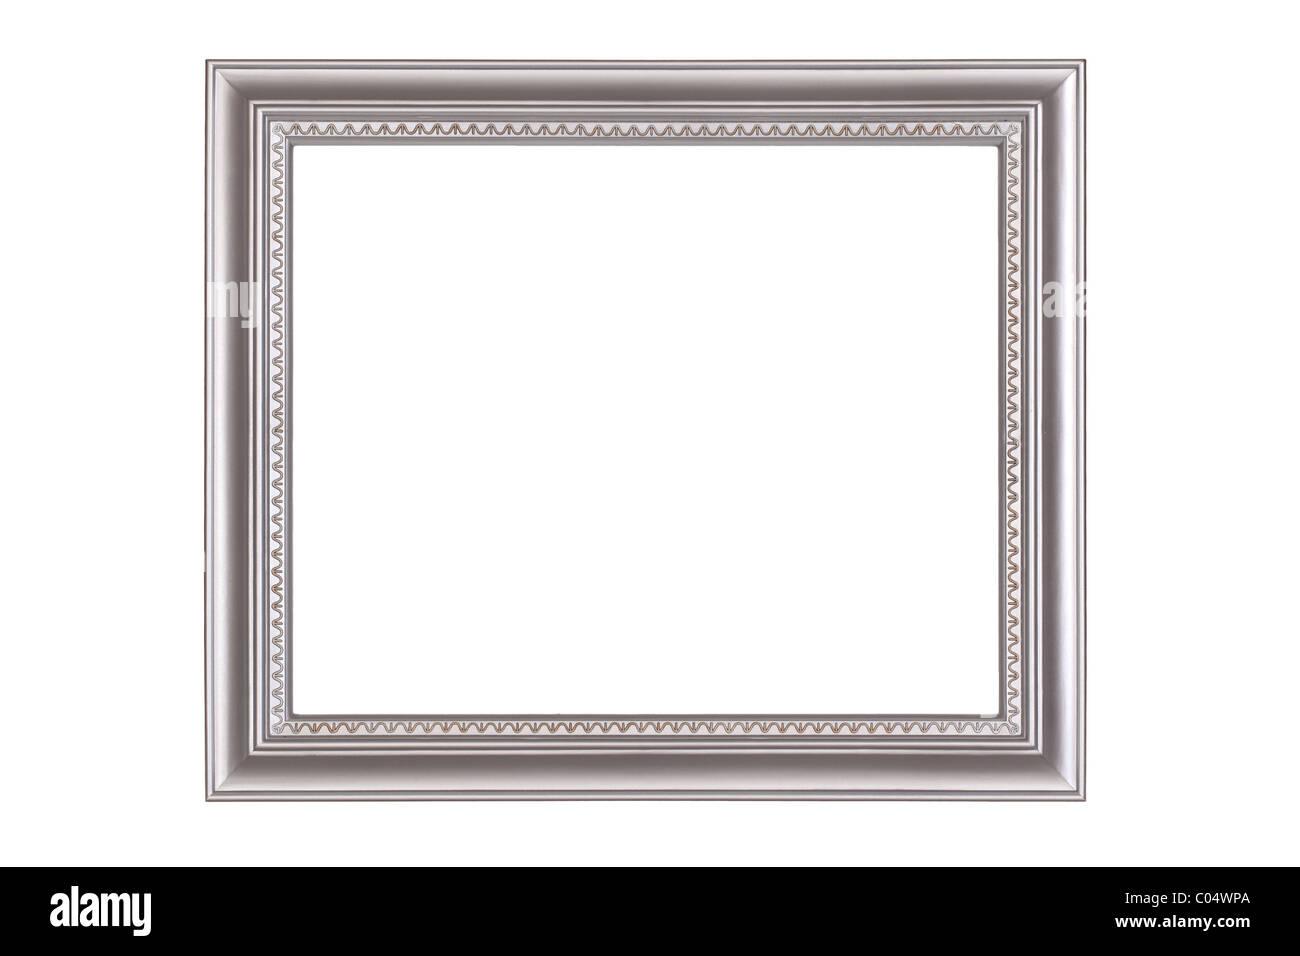 Silberrahmen isoliert auf weißem Hintergrund Stockbild